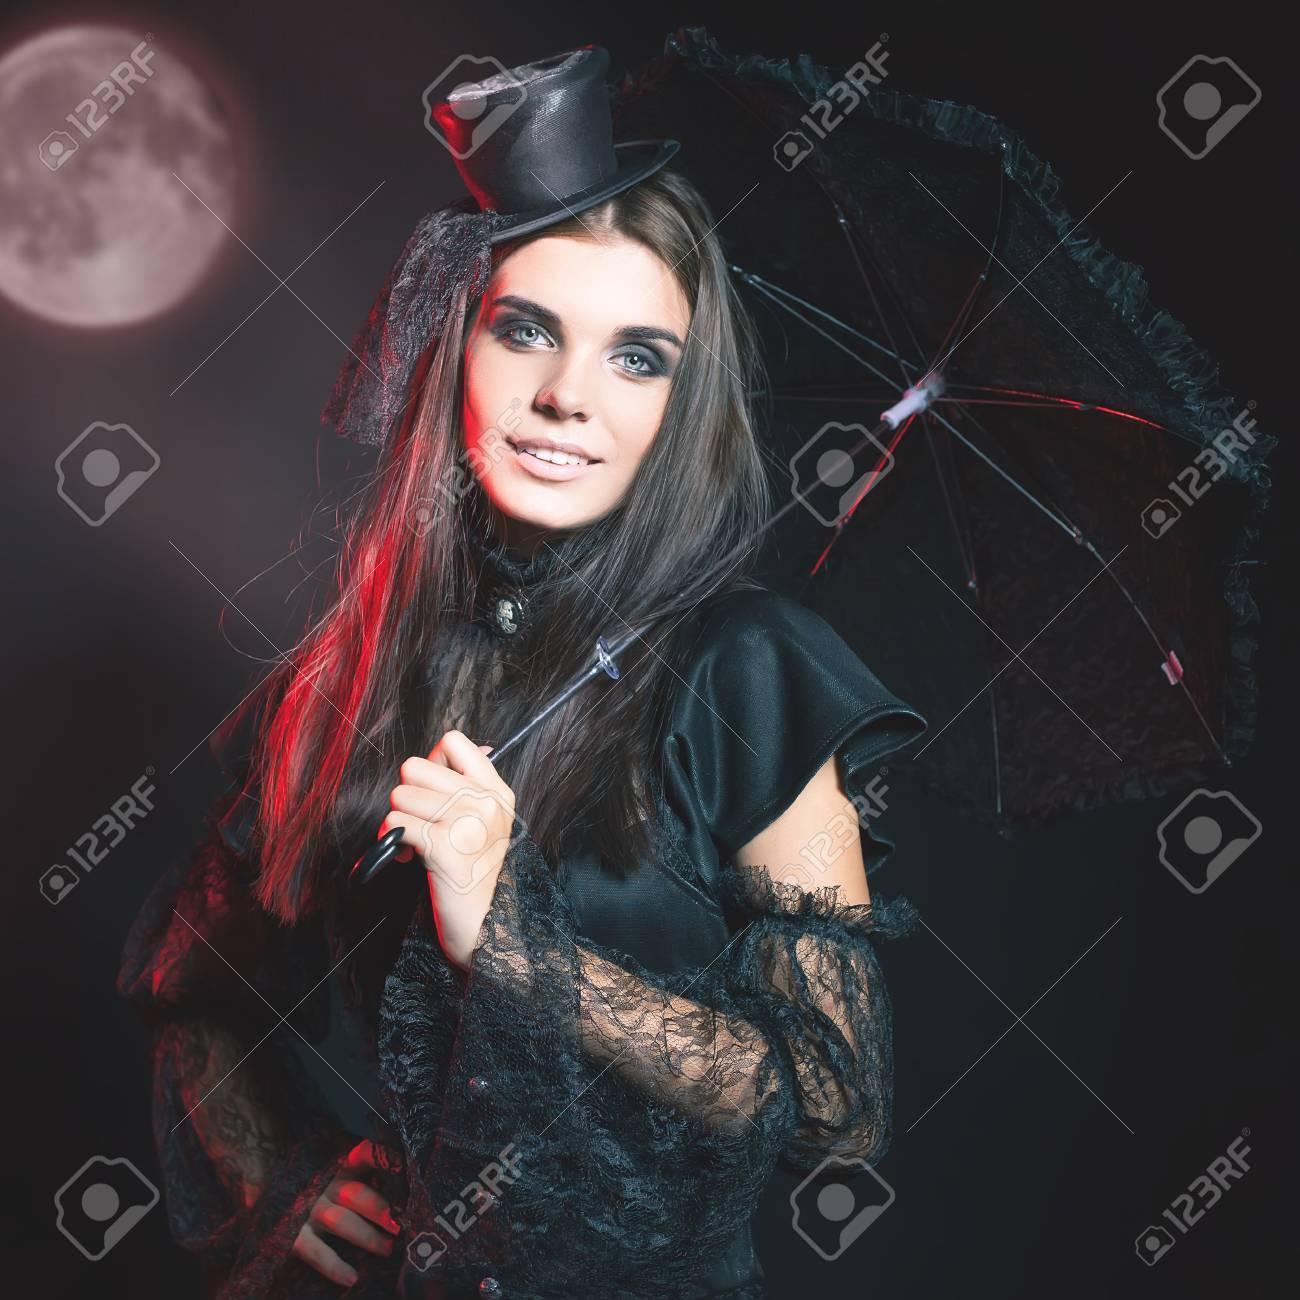 d24a66afe7ce Moda giovane donna che va Halloween party 2016! Bella donna come bambola  con ombrello e cappello. Luna, cimitero spaventoso. costumi di Hallowen